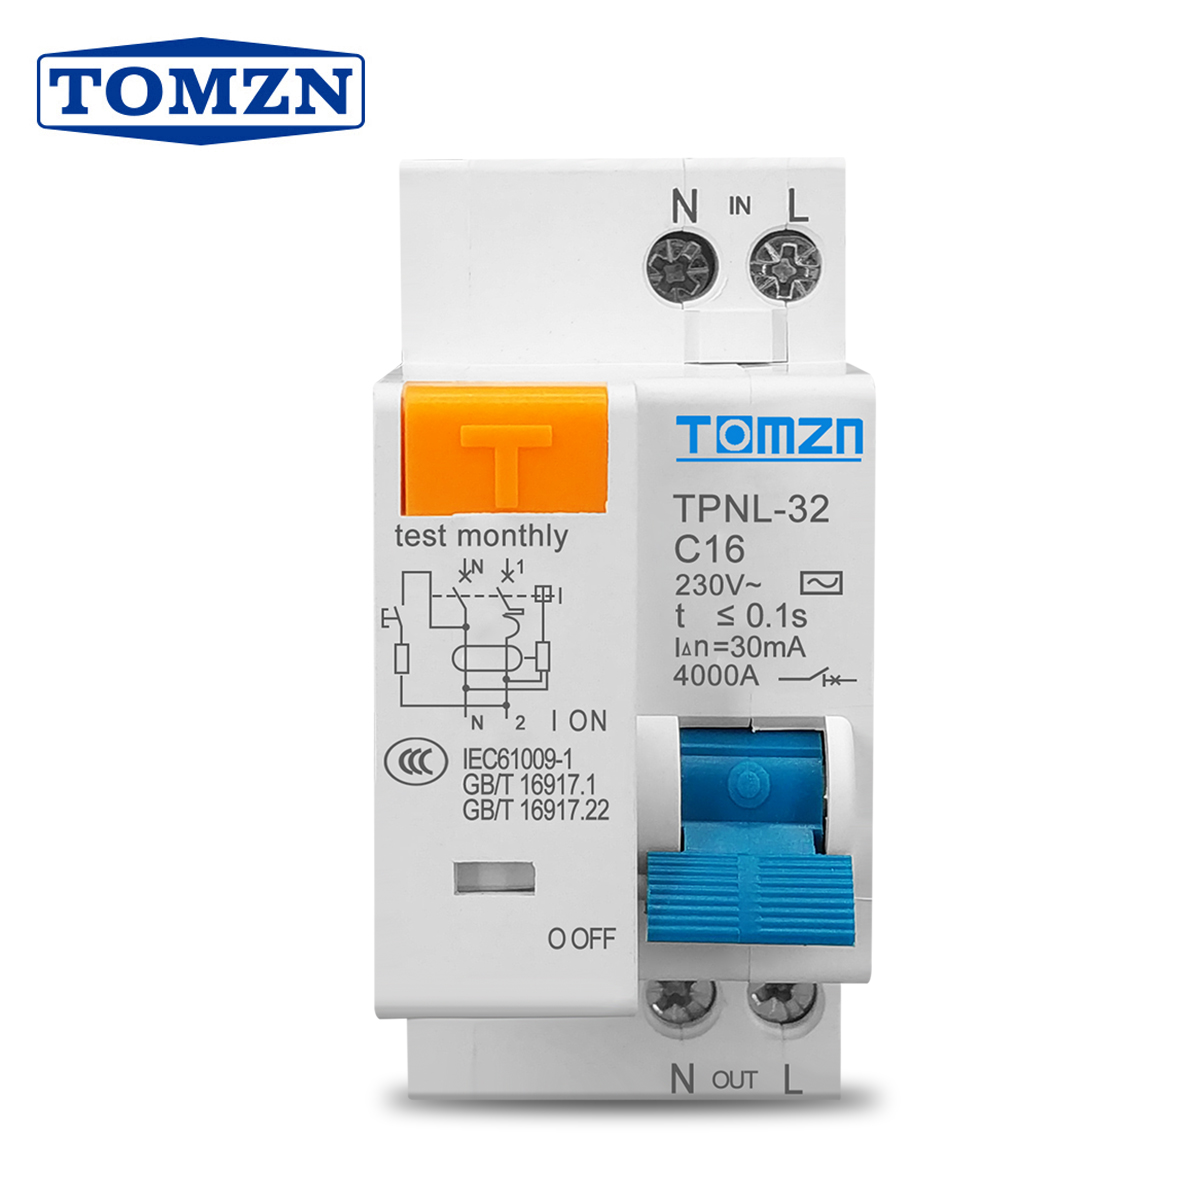 TPNL DPNL 230V 1P + N автоматический выключатель остаточного тока с защитой от перегрузки и утечки короткого тока RCBO MCB